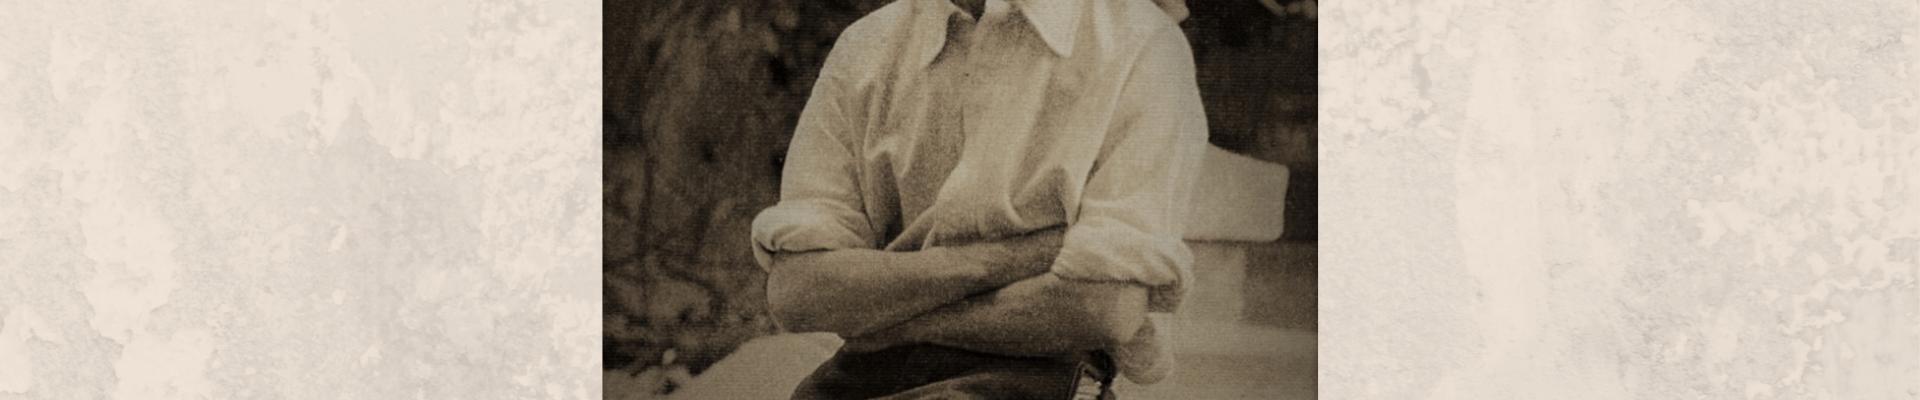 G.O. Smith